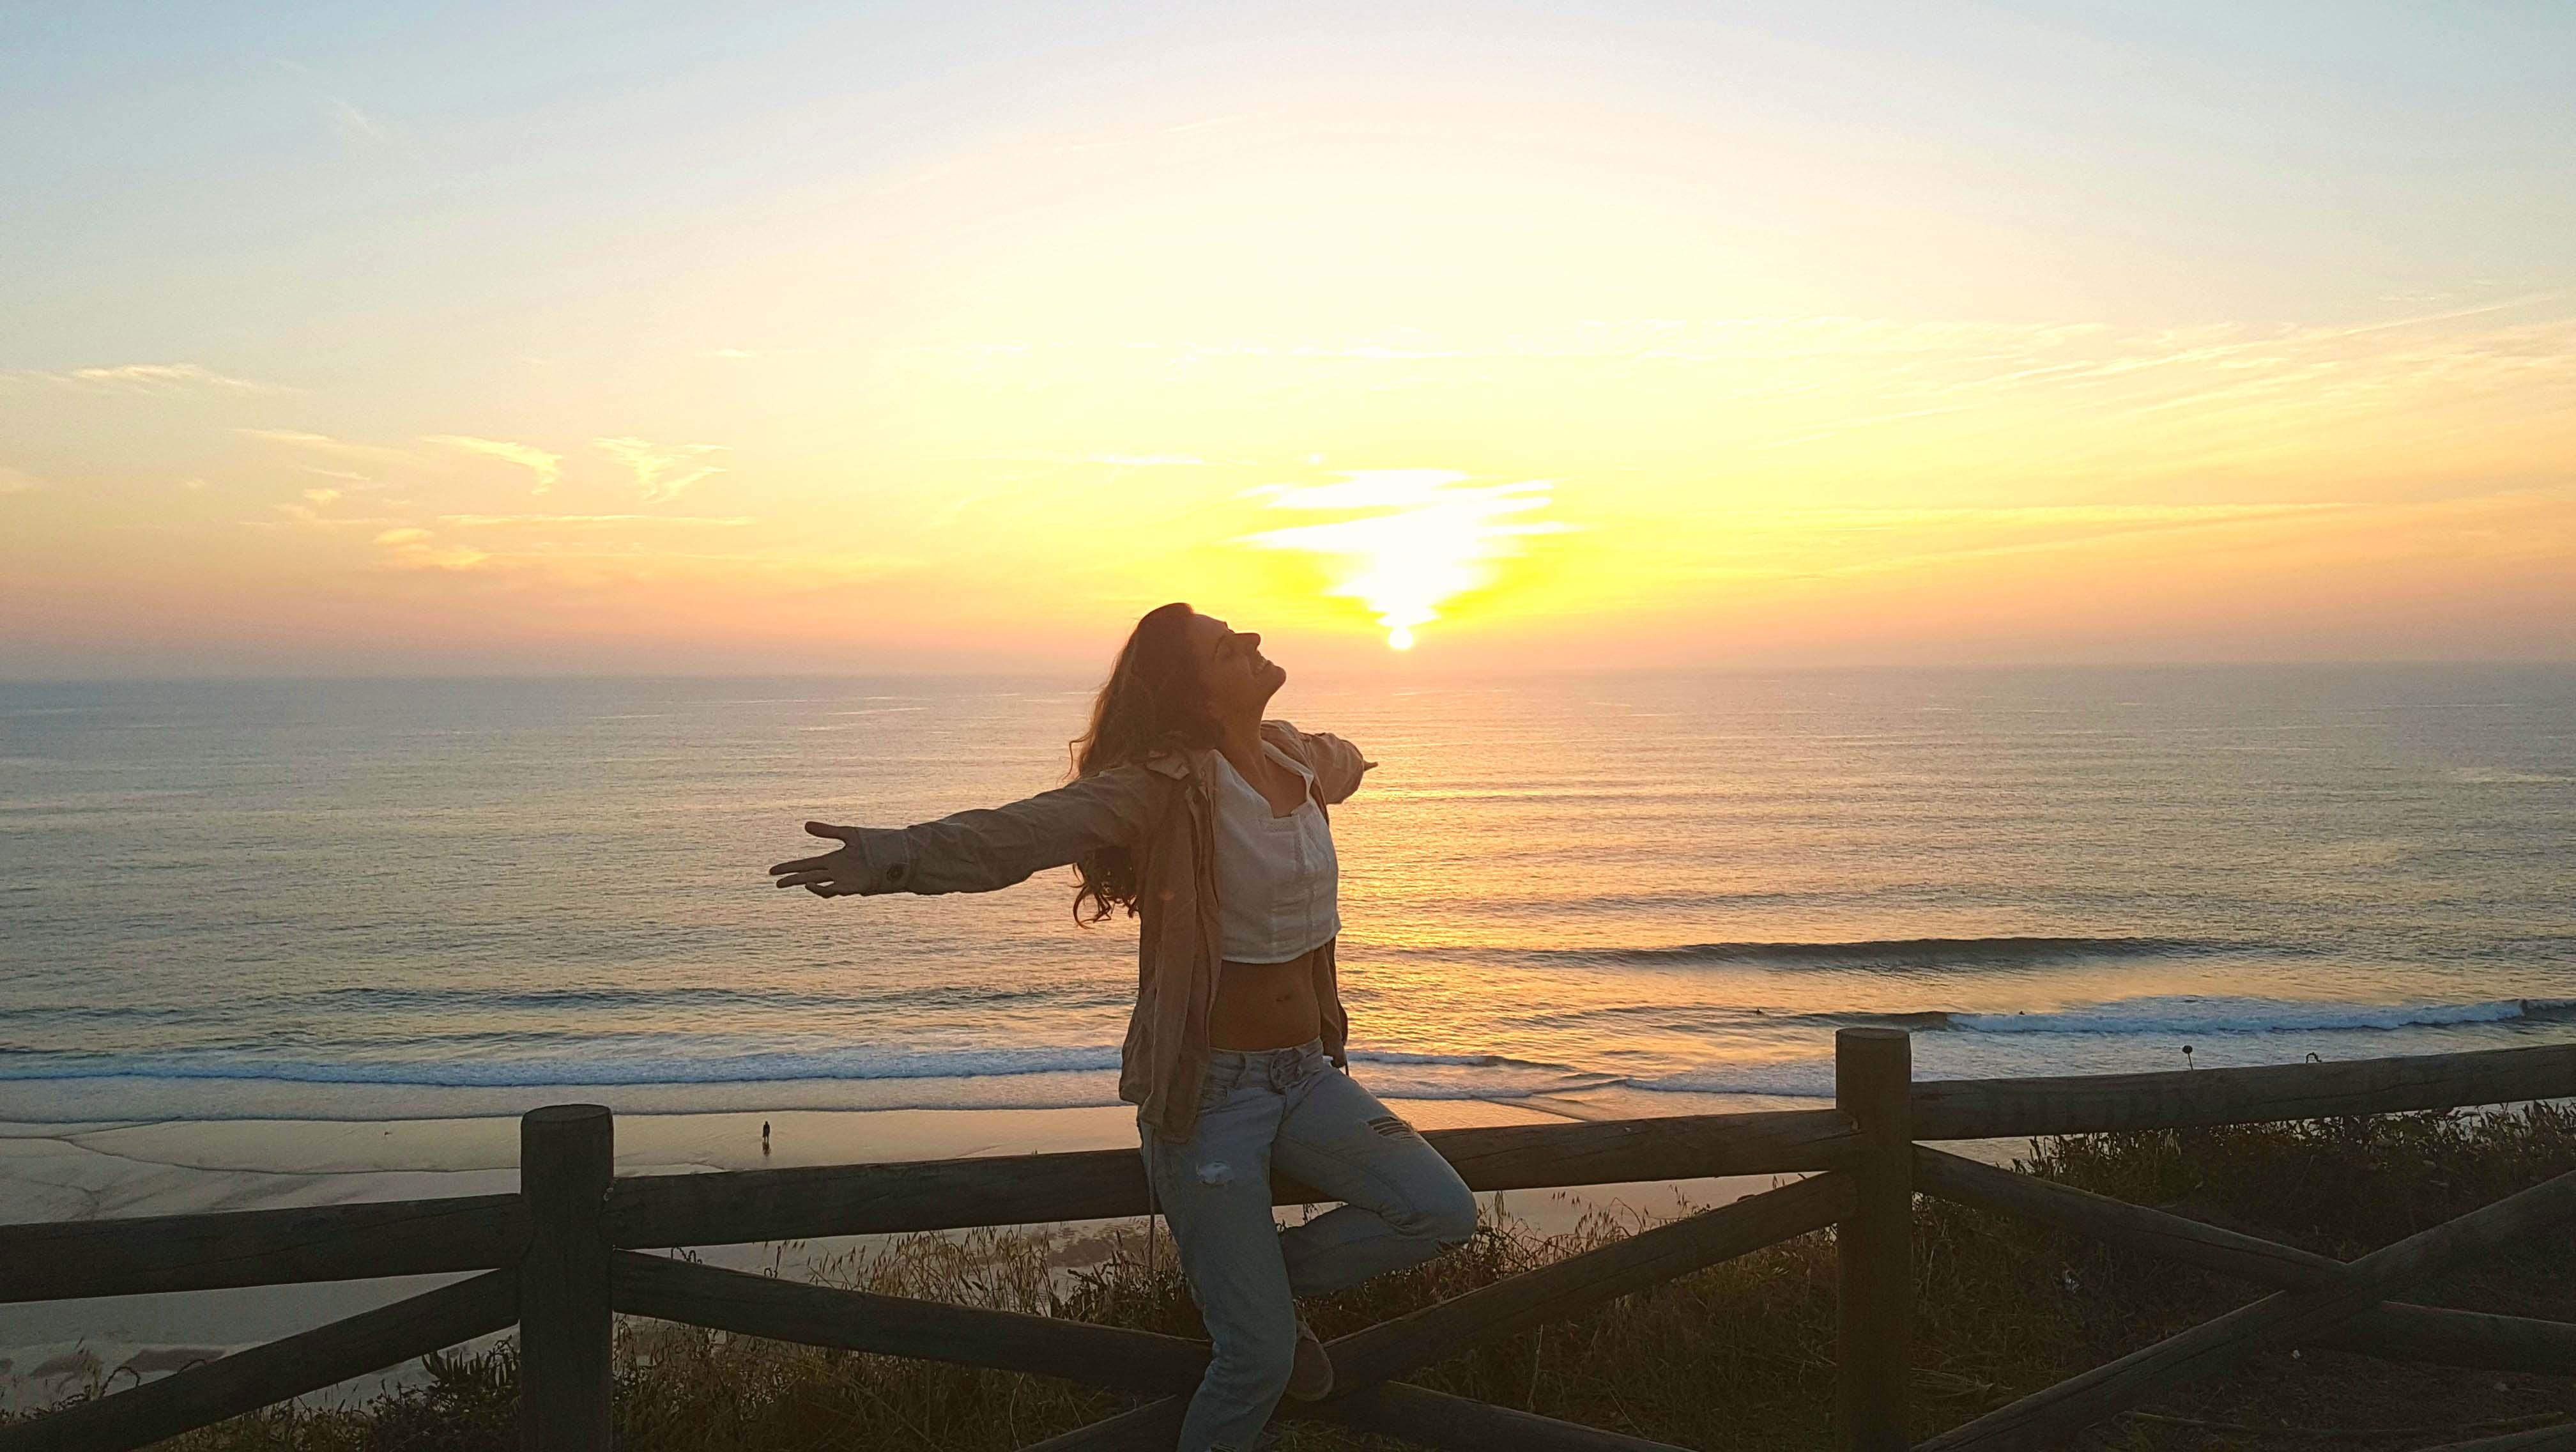 Auto-Valorização – O pilar da Felicidade